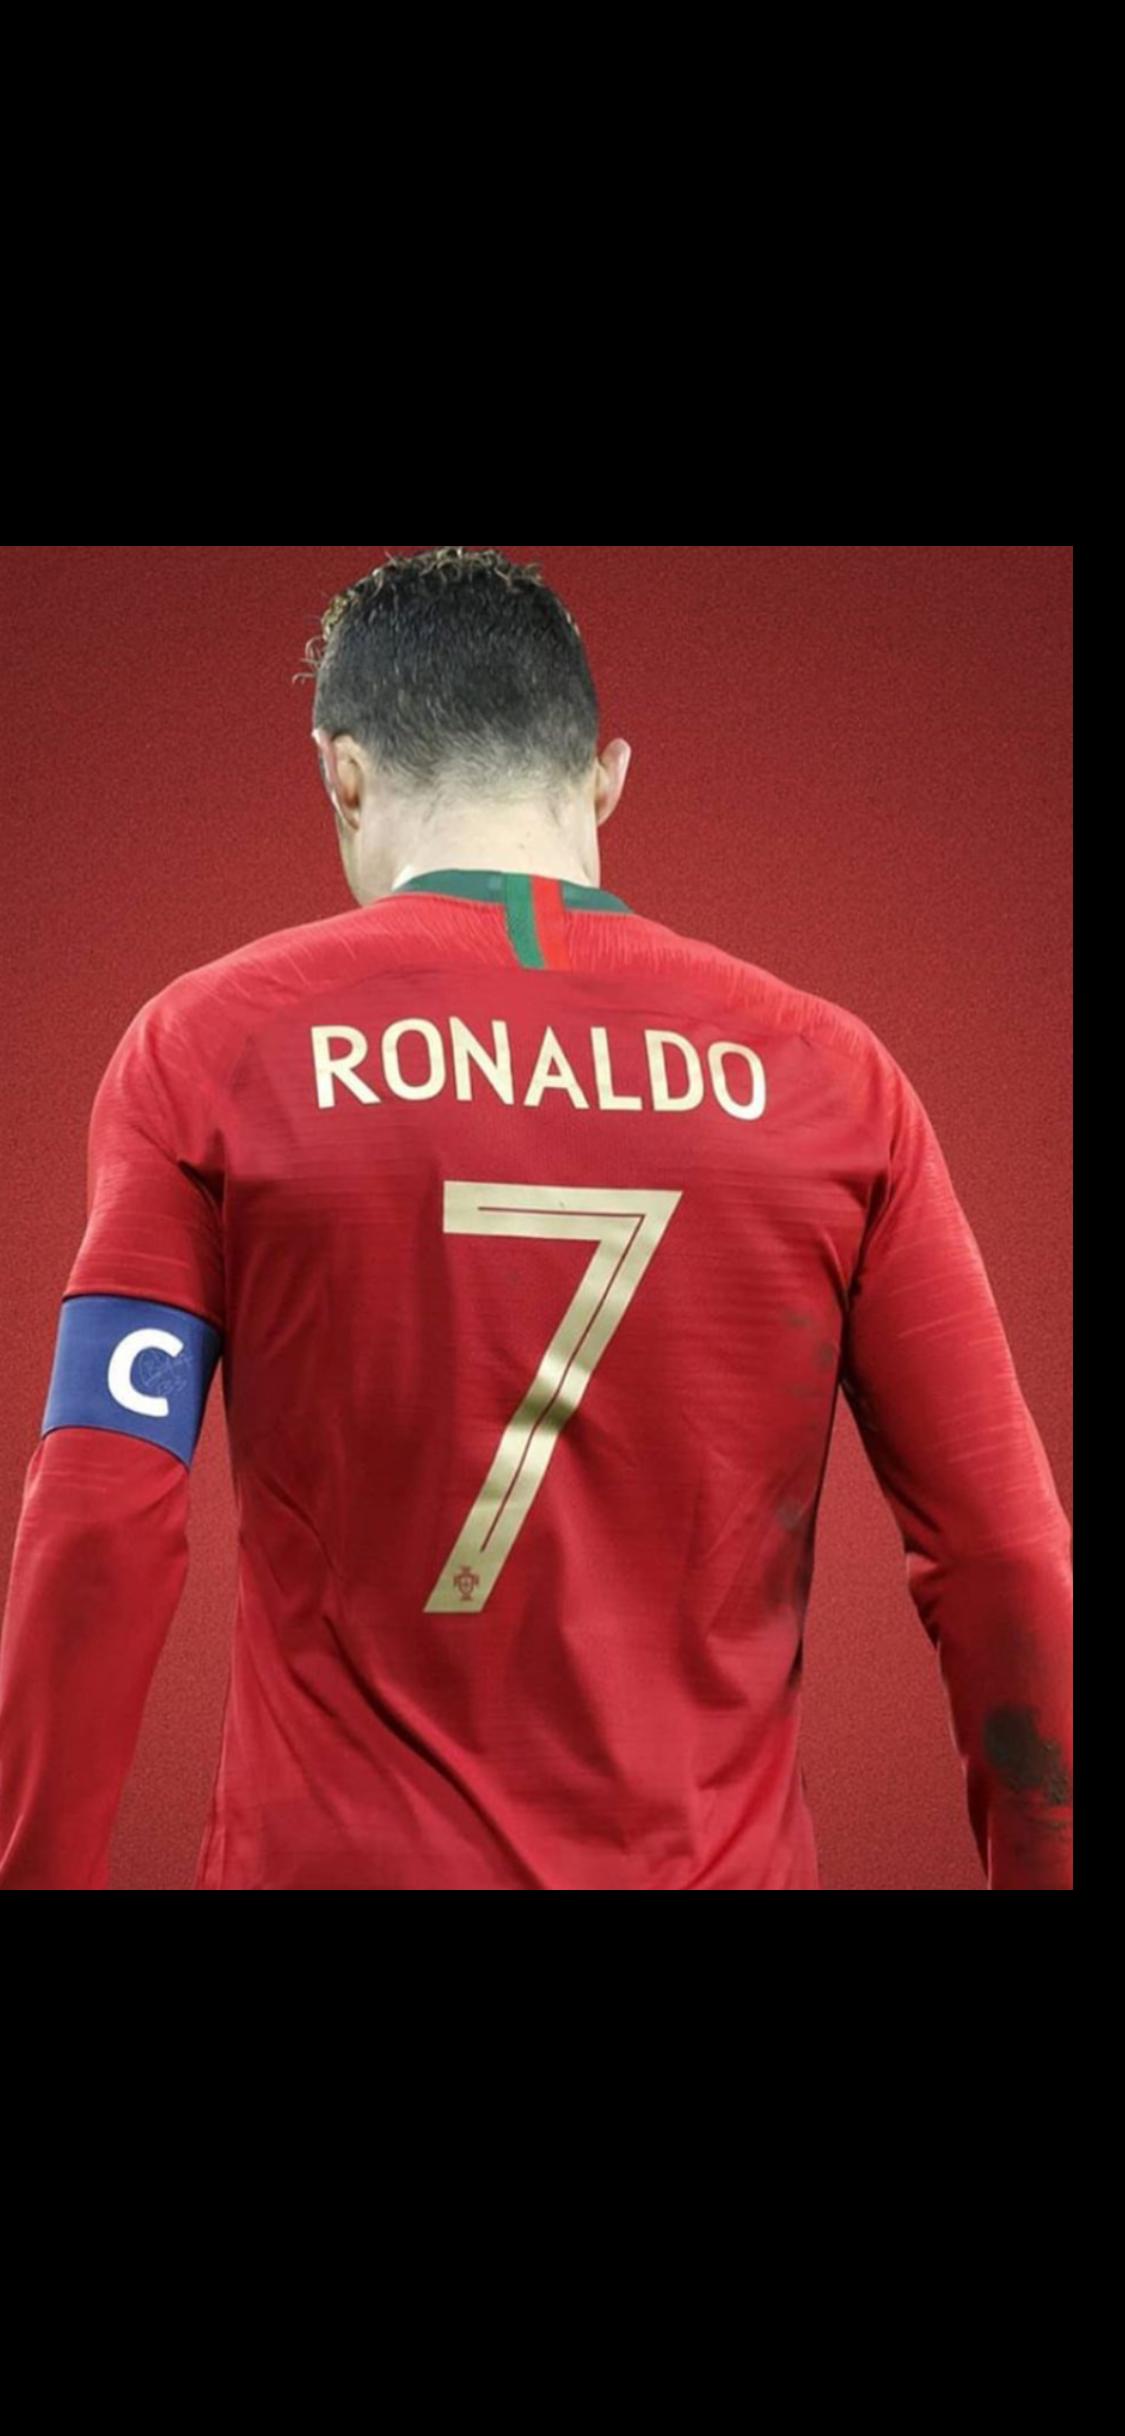 Ronaldo 7 Portugal Zenaido Ronaldo Cristiano Ronaldo Ronaldo Real Madrid